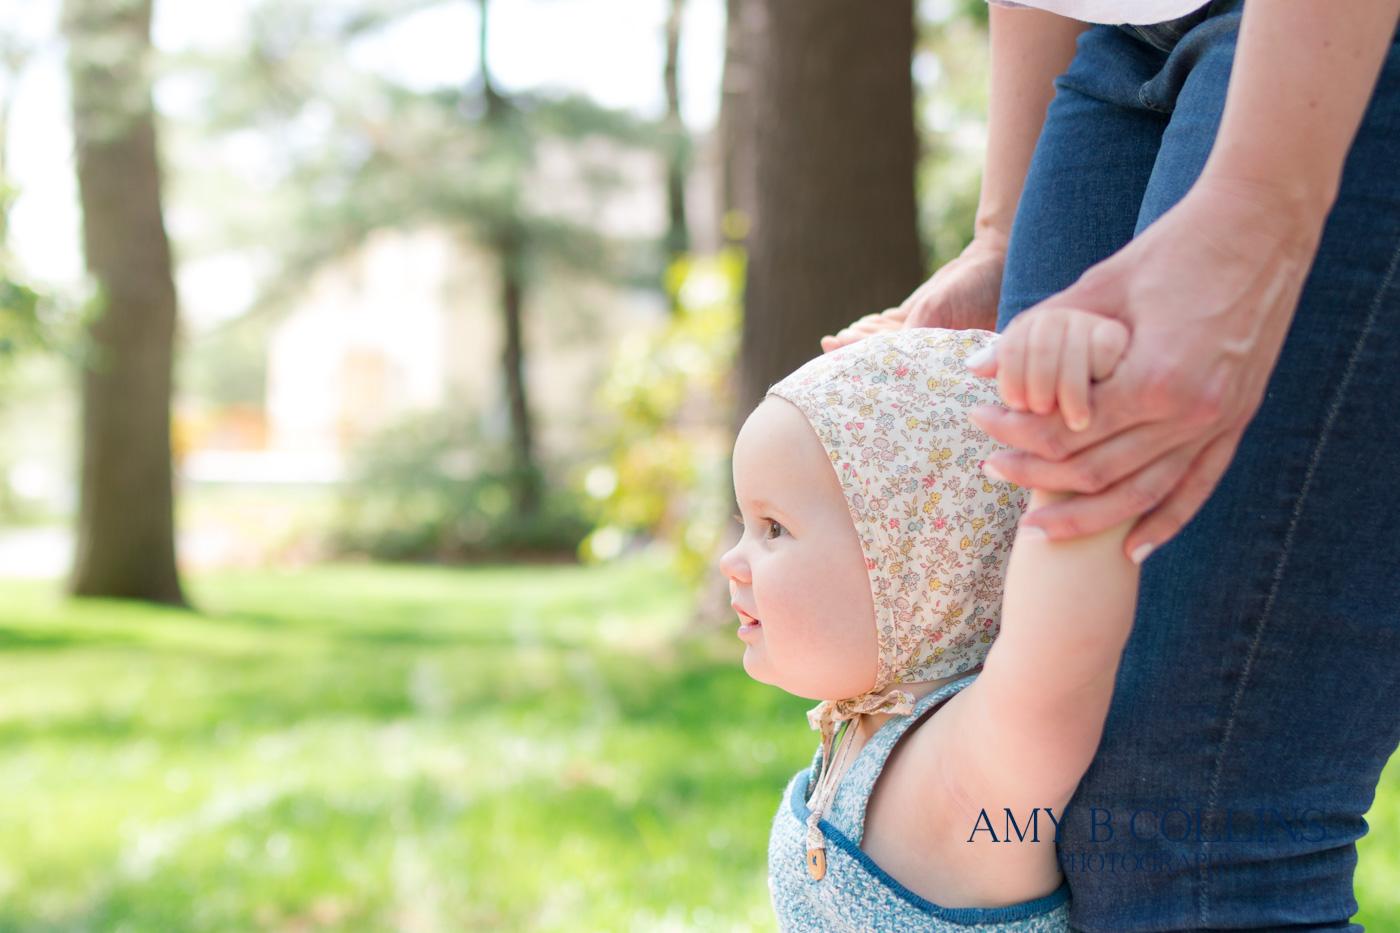 Amy_B_Collins_Photography_Needham Baby Photographer - 09.jpg